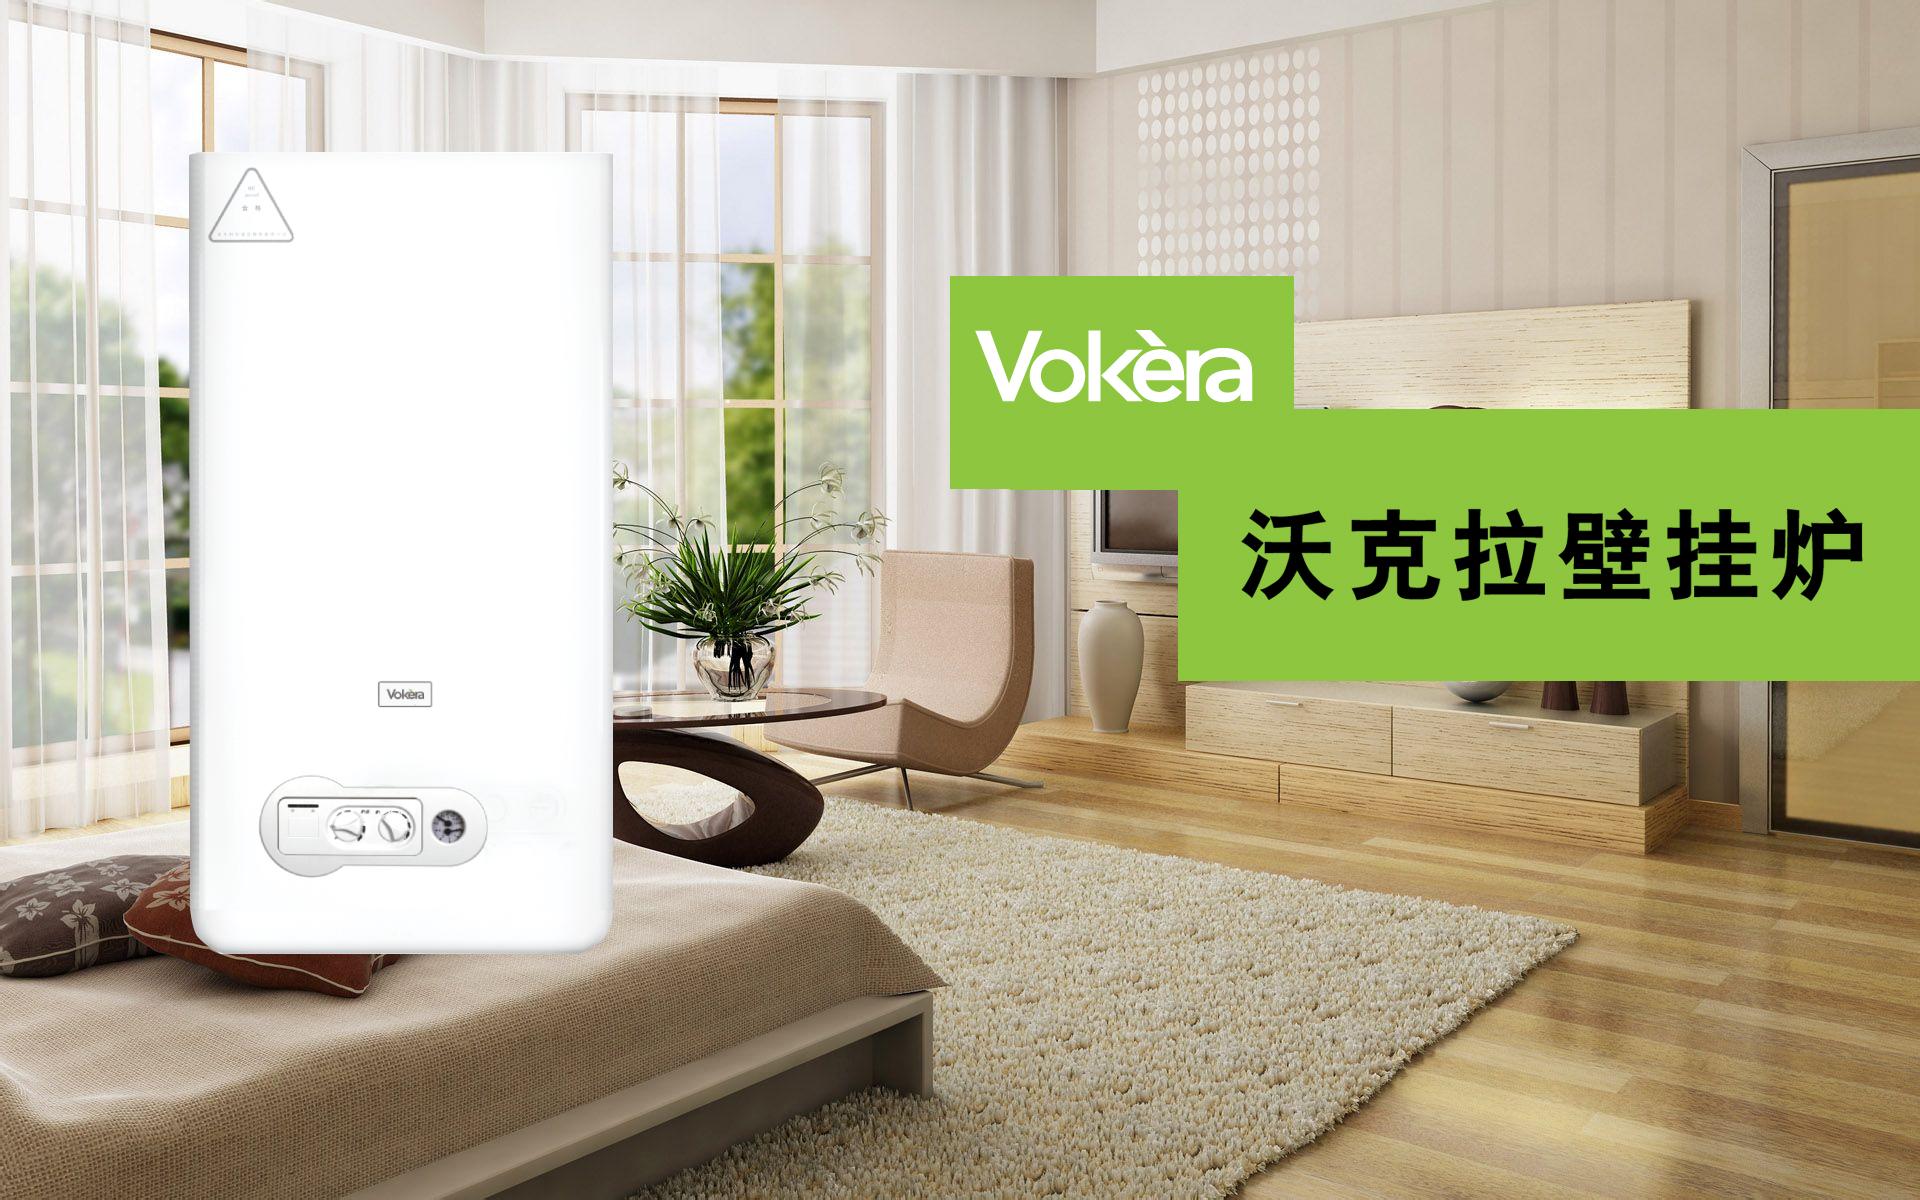 壁挂炉无线温控器安装使用方法